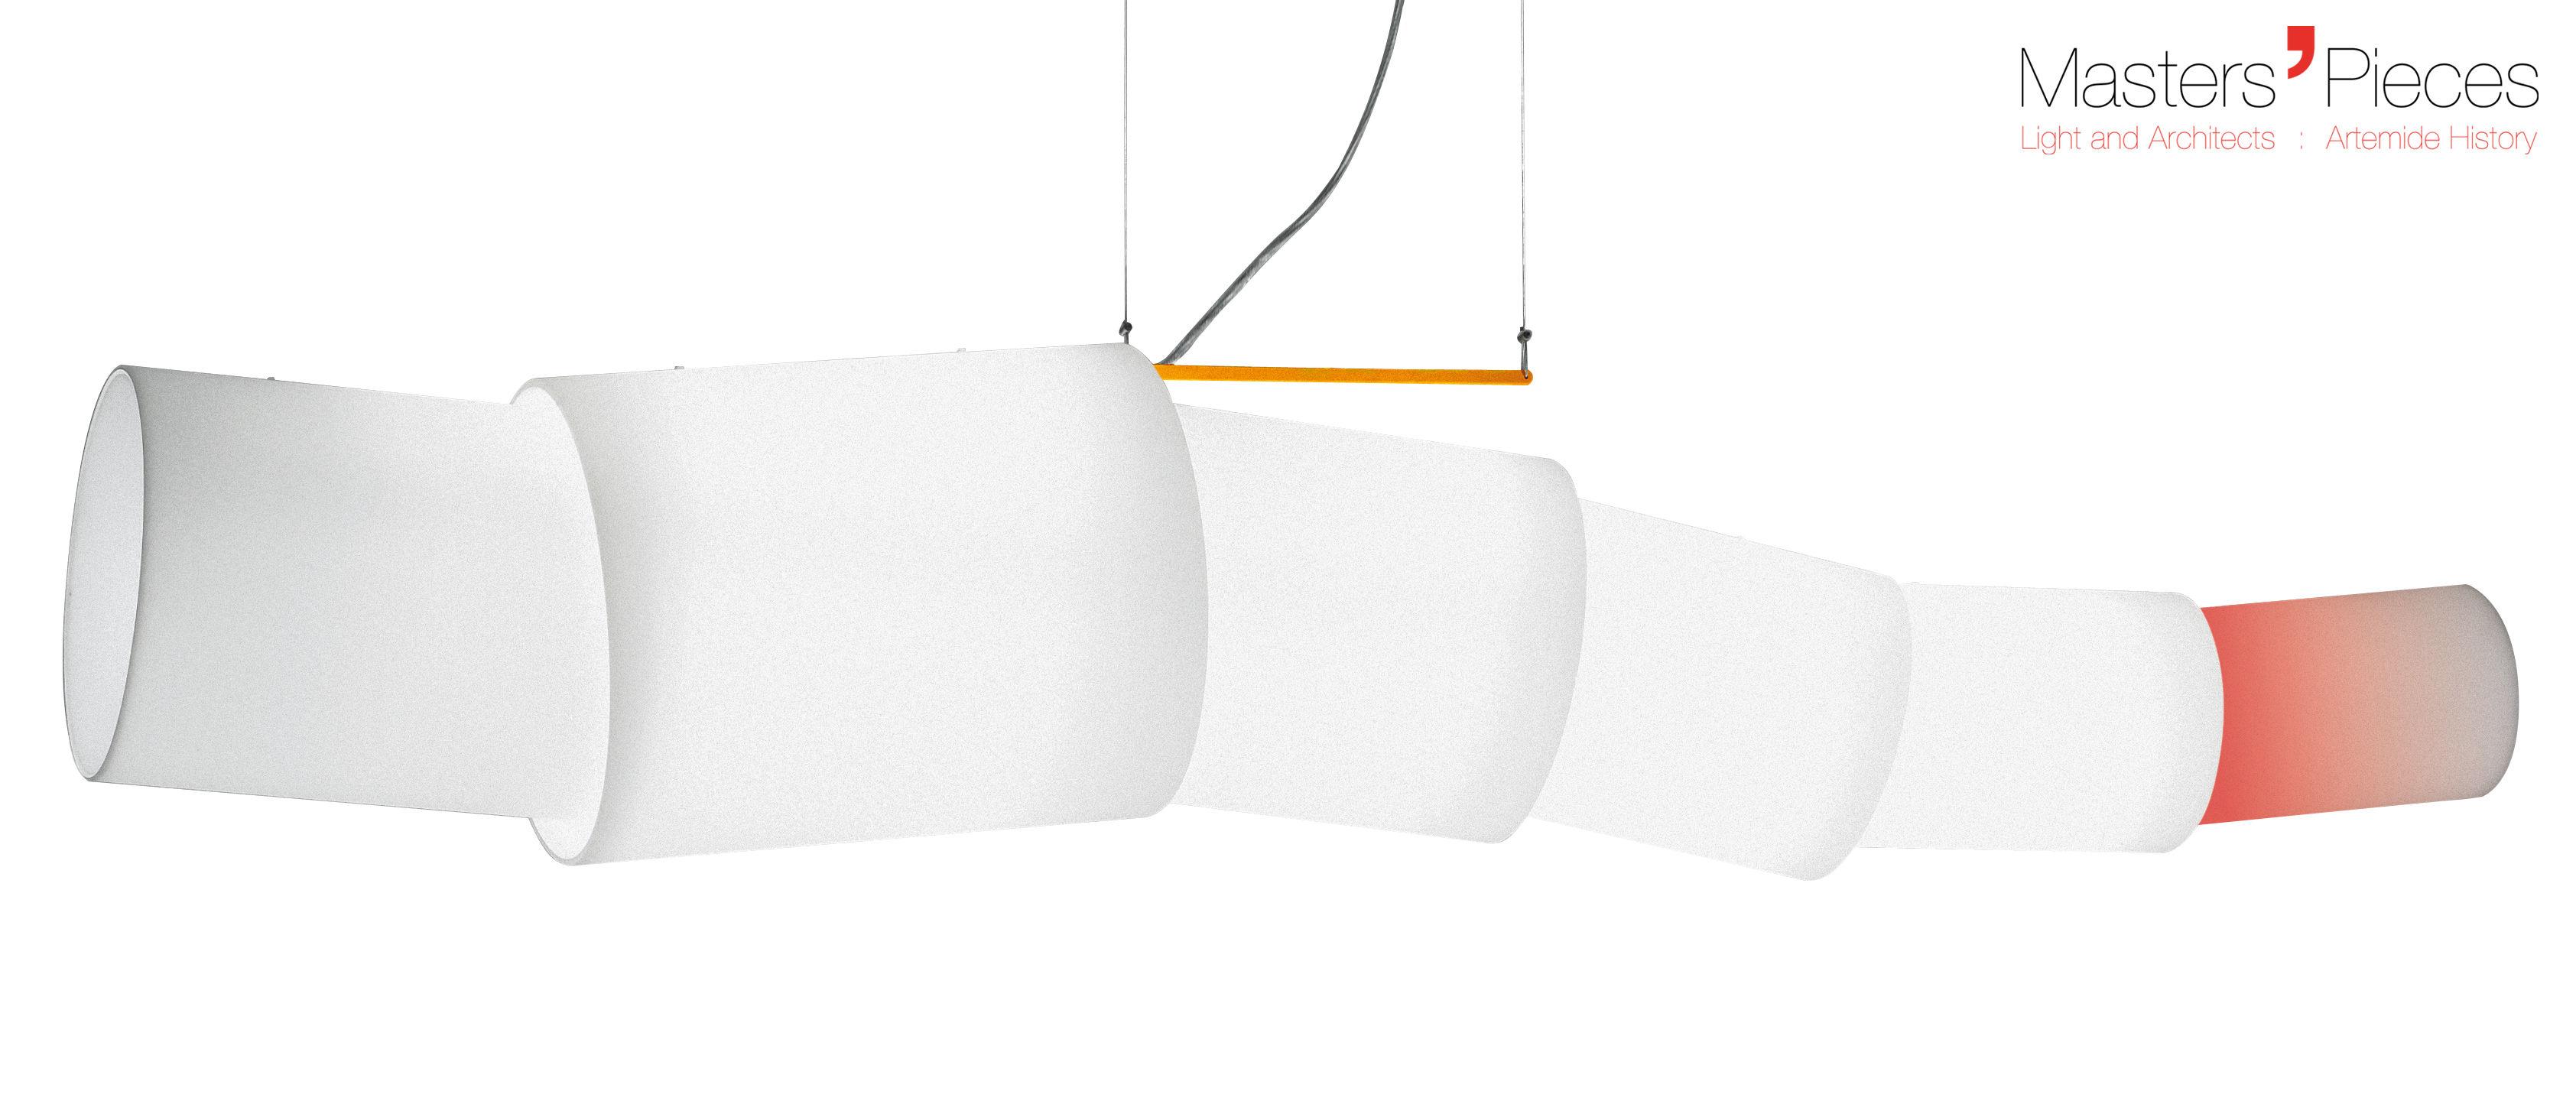 Luminaire - Suspensions - Suspension Masters' Pieces - Noto / L 173 cm - 2008 - Artemide - Blanc - Acier, Verre soufflé